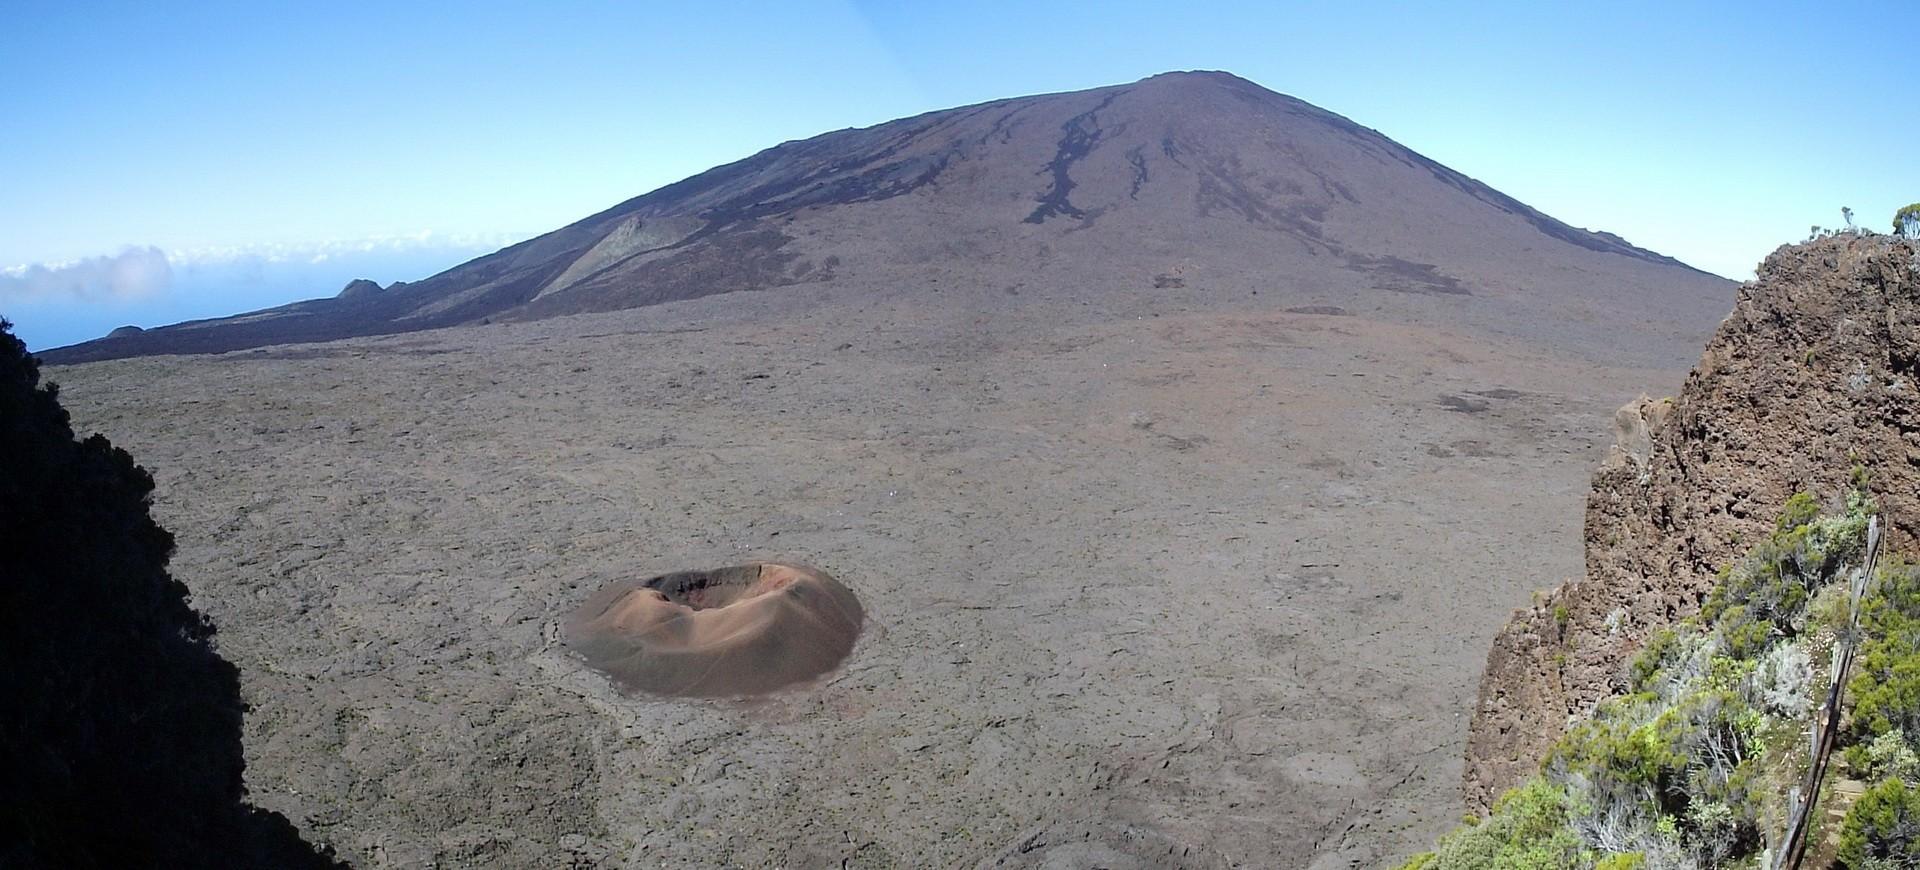 Piton de la Fournaise à I'île de la Réunion